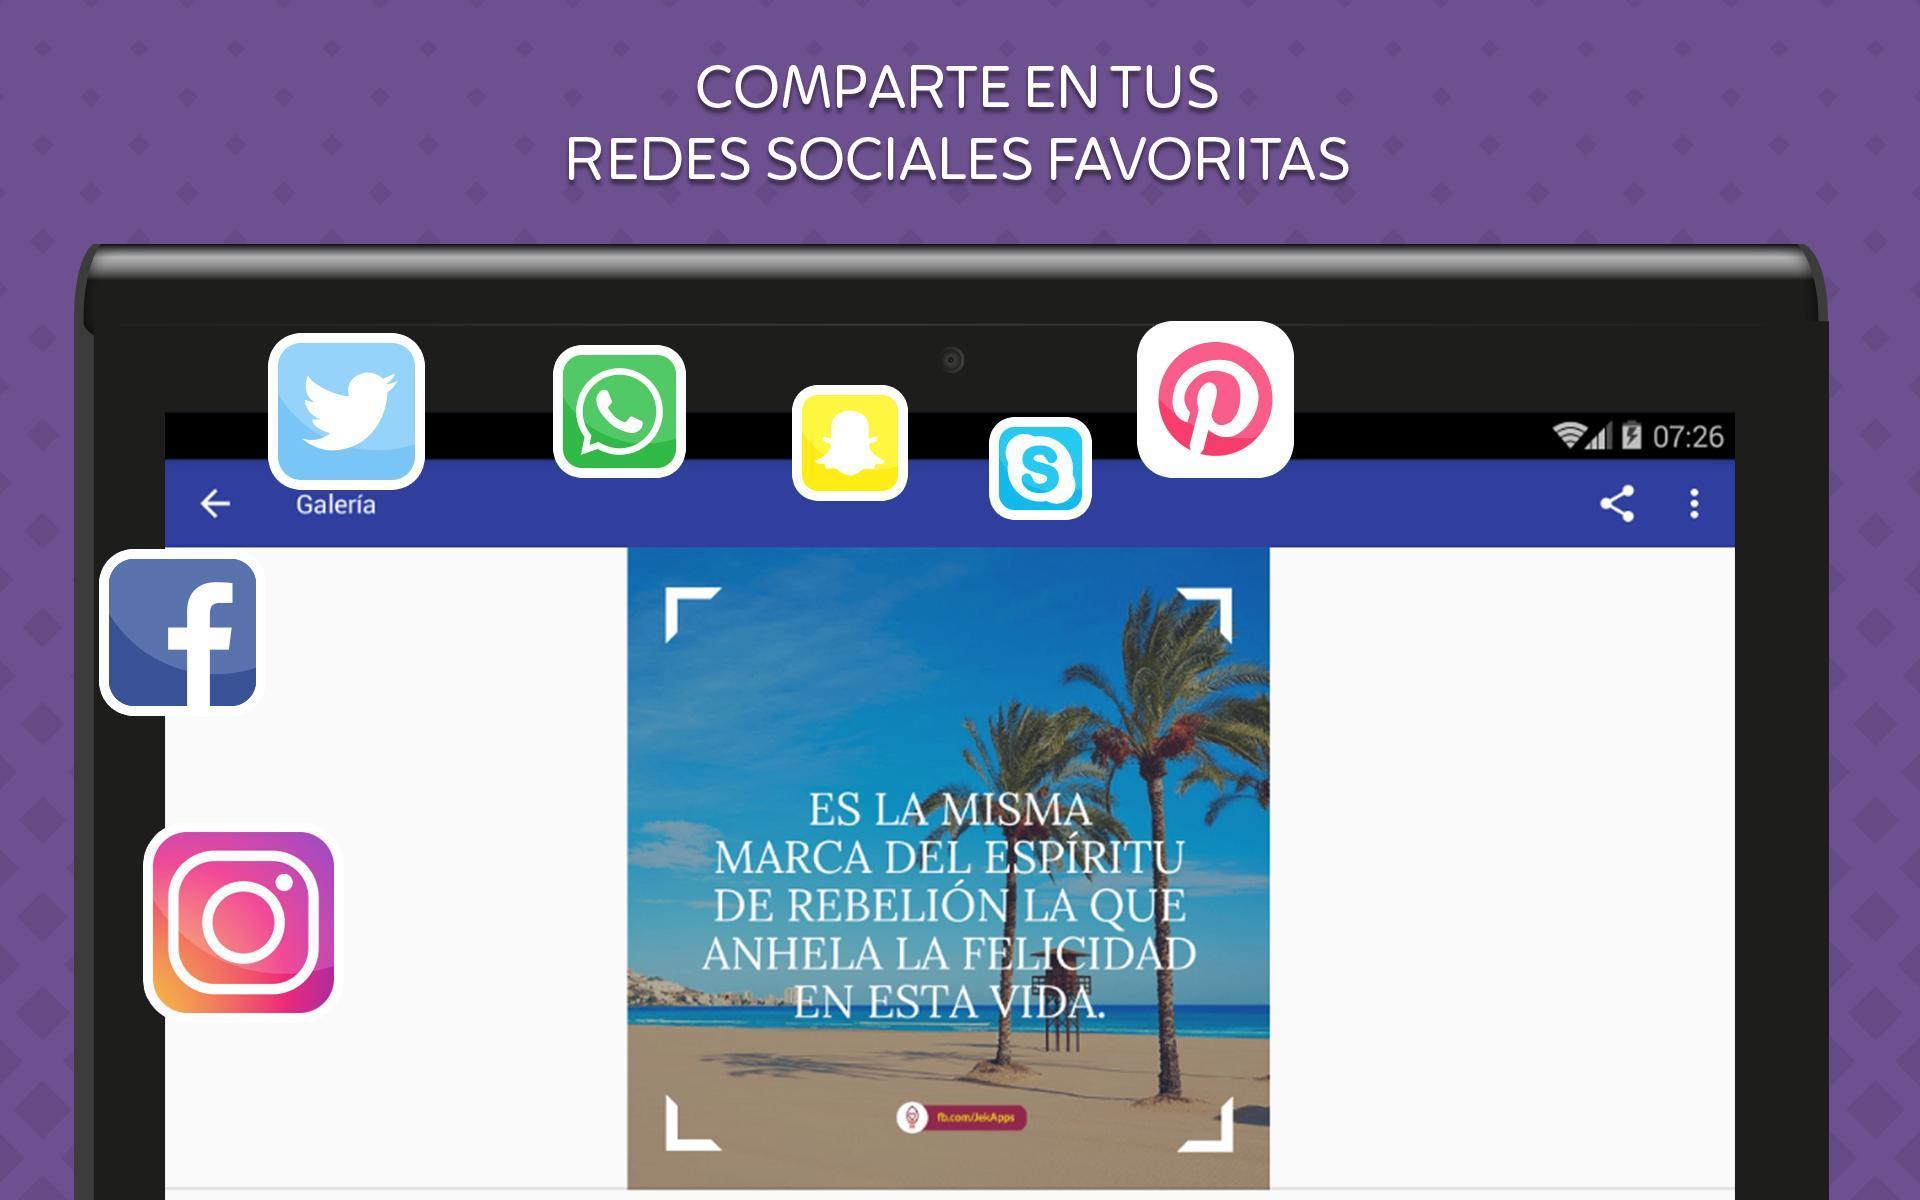 Imagenes Frases De Felicidad для андроид скачать Apk